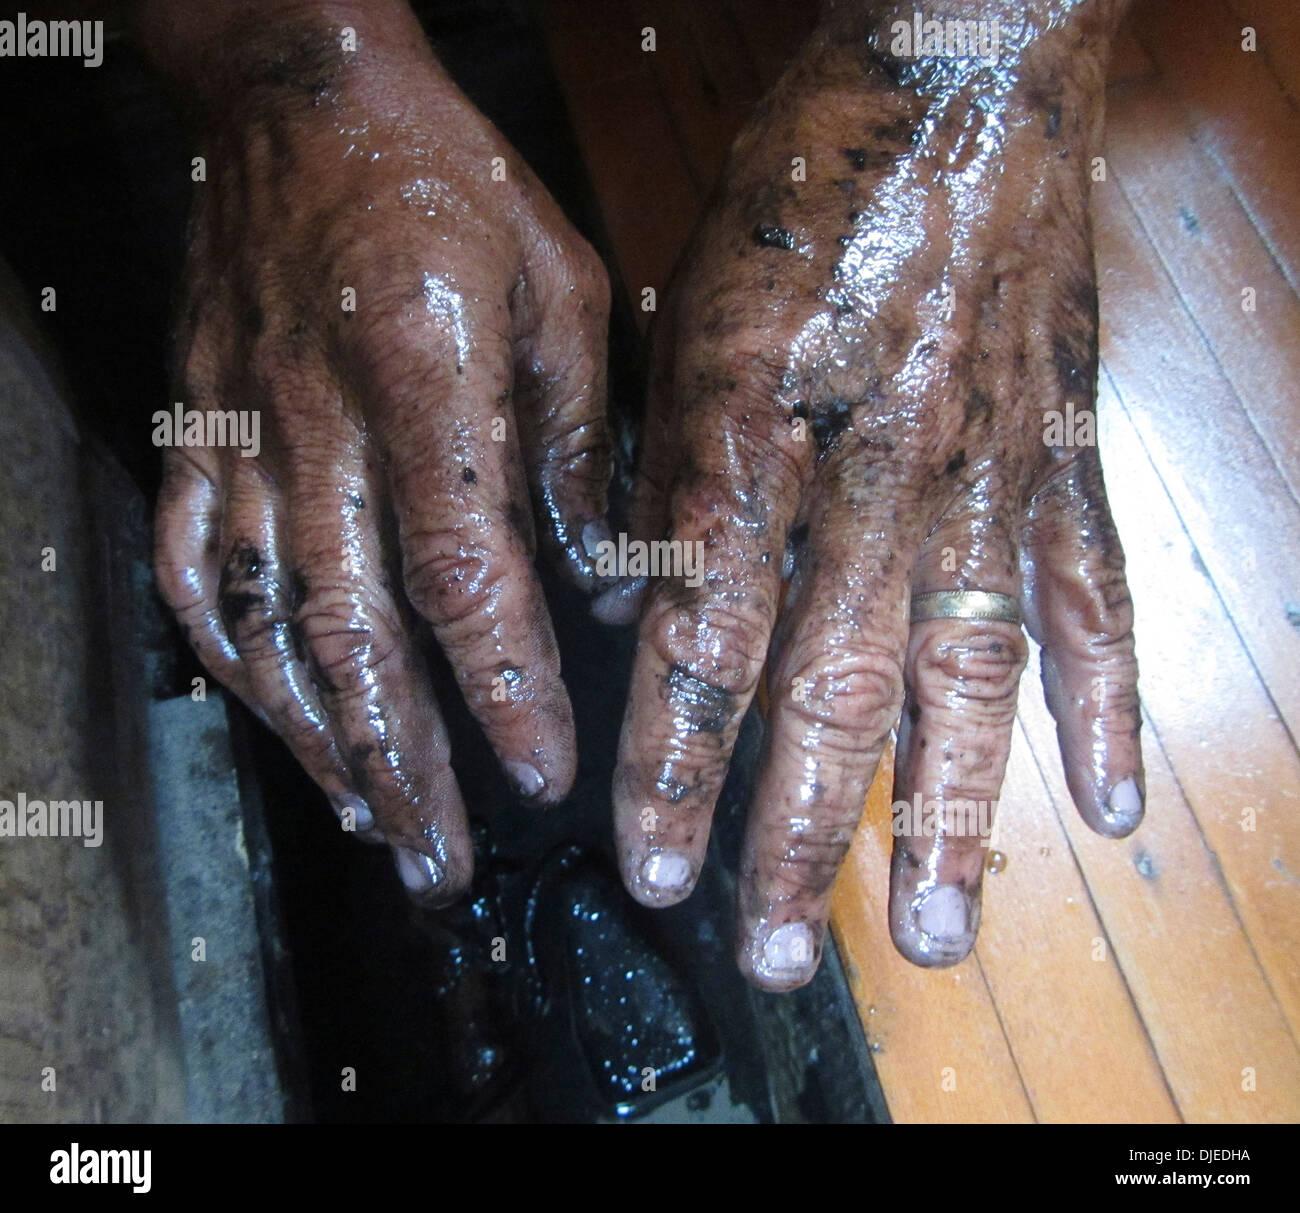 Sucio, graso manos que han sido en la sentina de un barco con fugas de aceite. Imagen De Stock